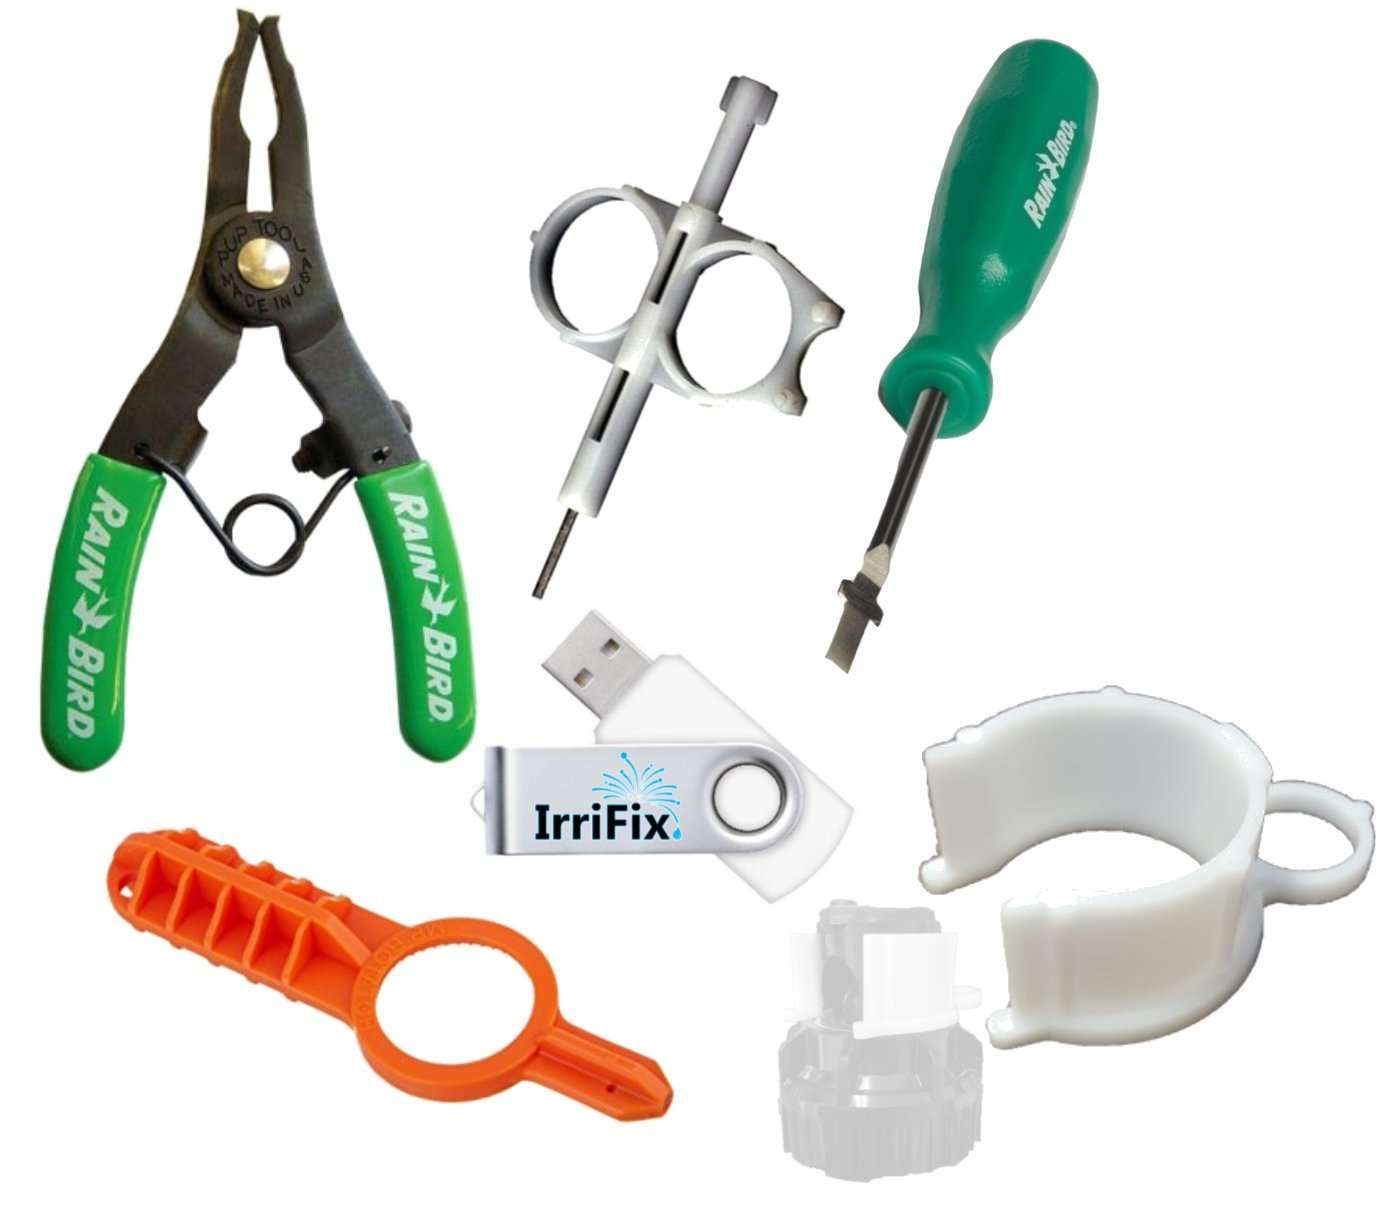 Sprinkler Irrigation Adjustment Tool Set by IrriFix: Rain Bird Spray Head Pull Up Tool, Hunter/Orbit gear drive tool, ROTORTOOL, MP Rotator Tool, Hold Up Collar, IrriFix USB Flash Drive w instructions